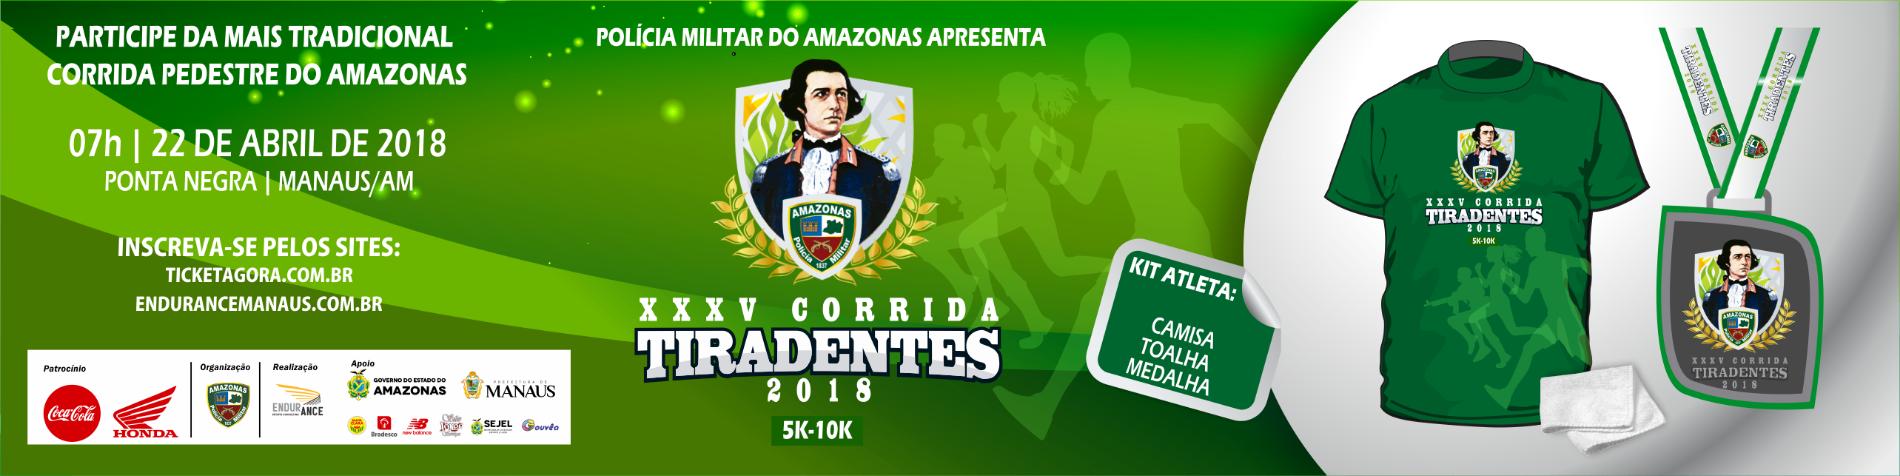 XXXV CORRIDA TIRADENTES - 2018 - Imagem de topo